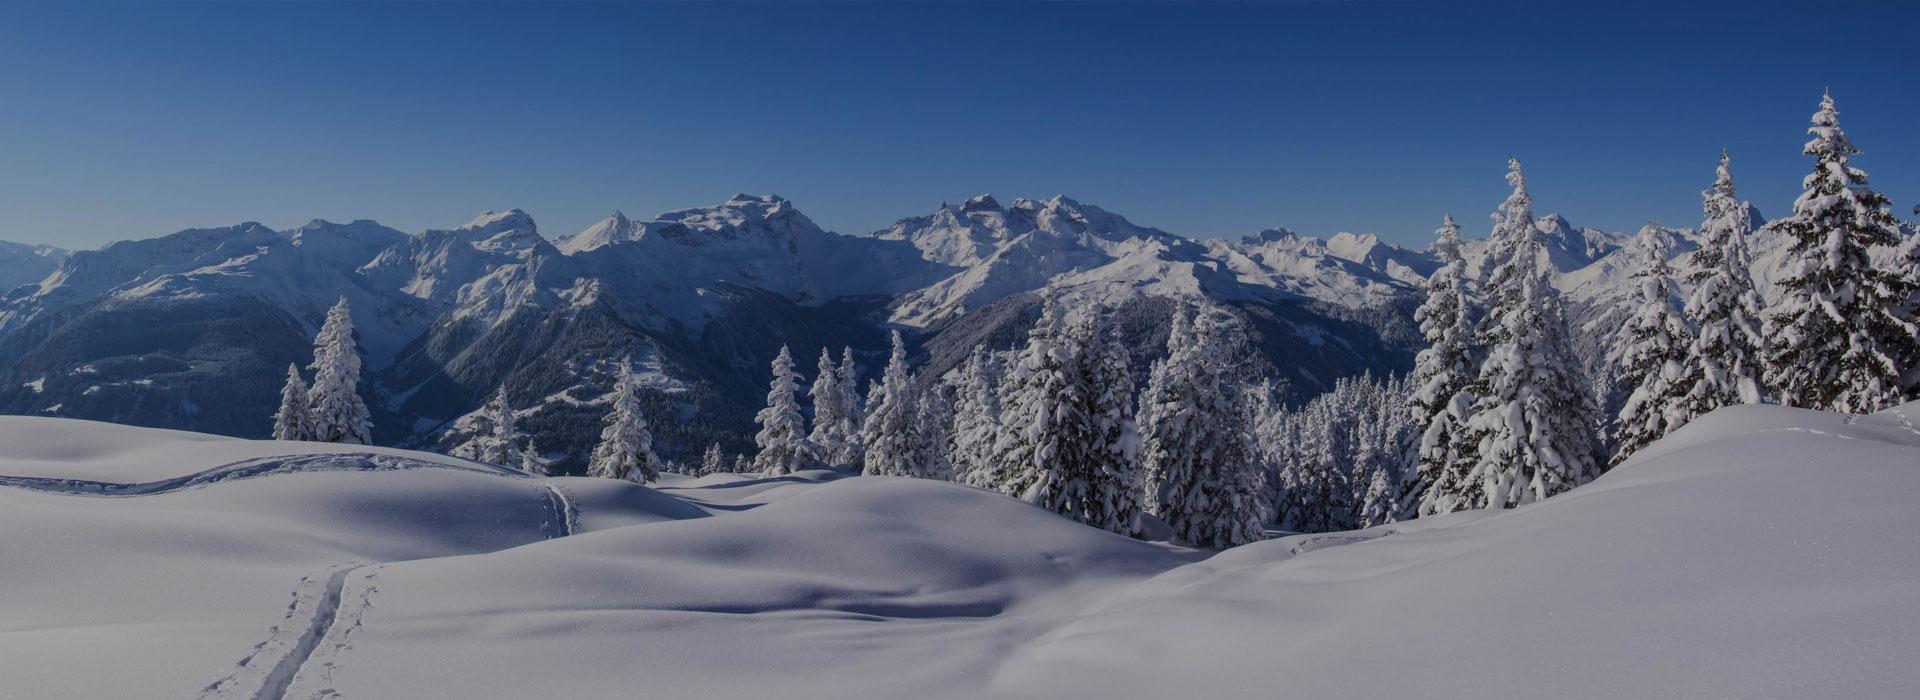 Équipements de ski